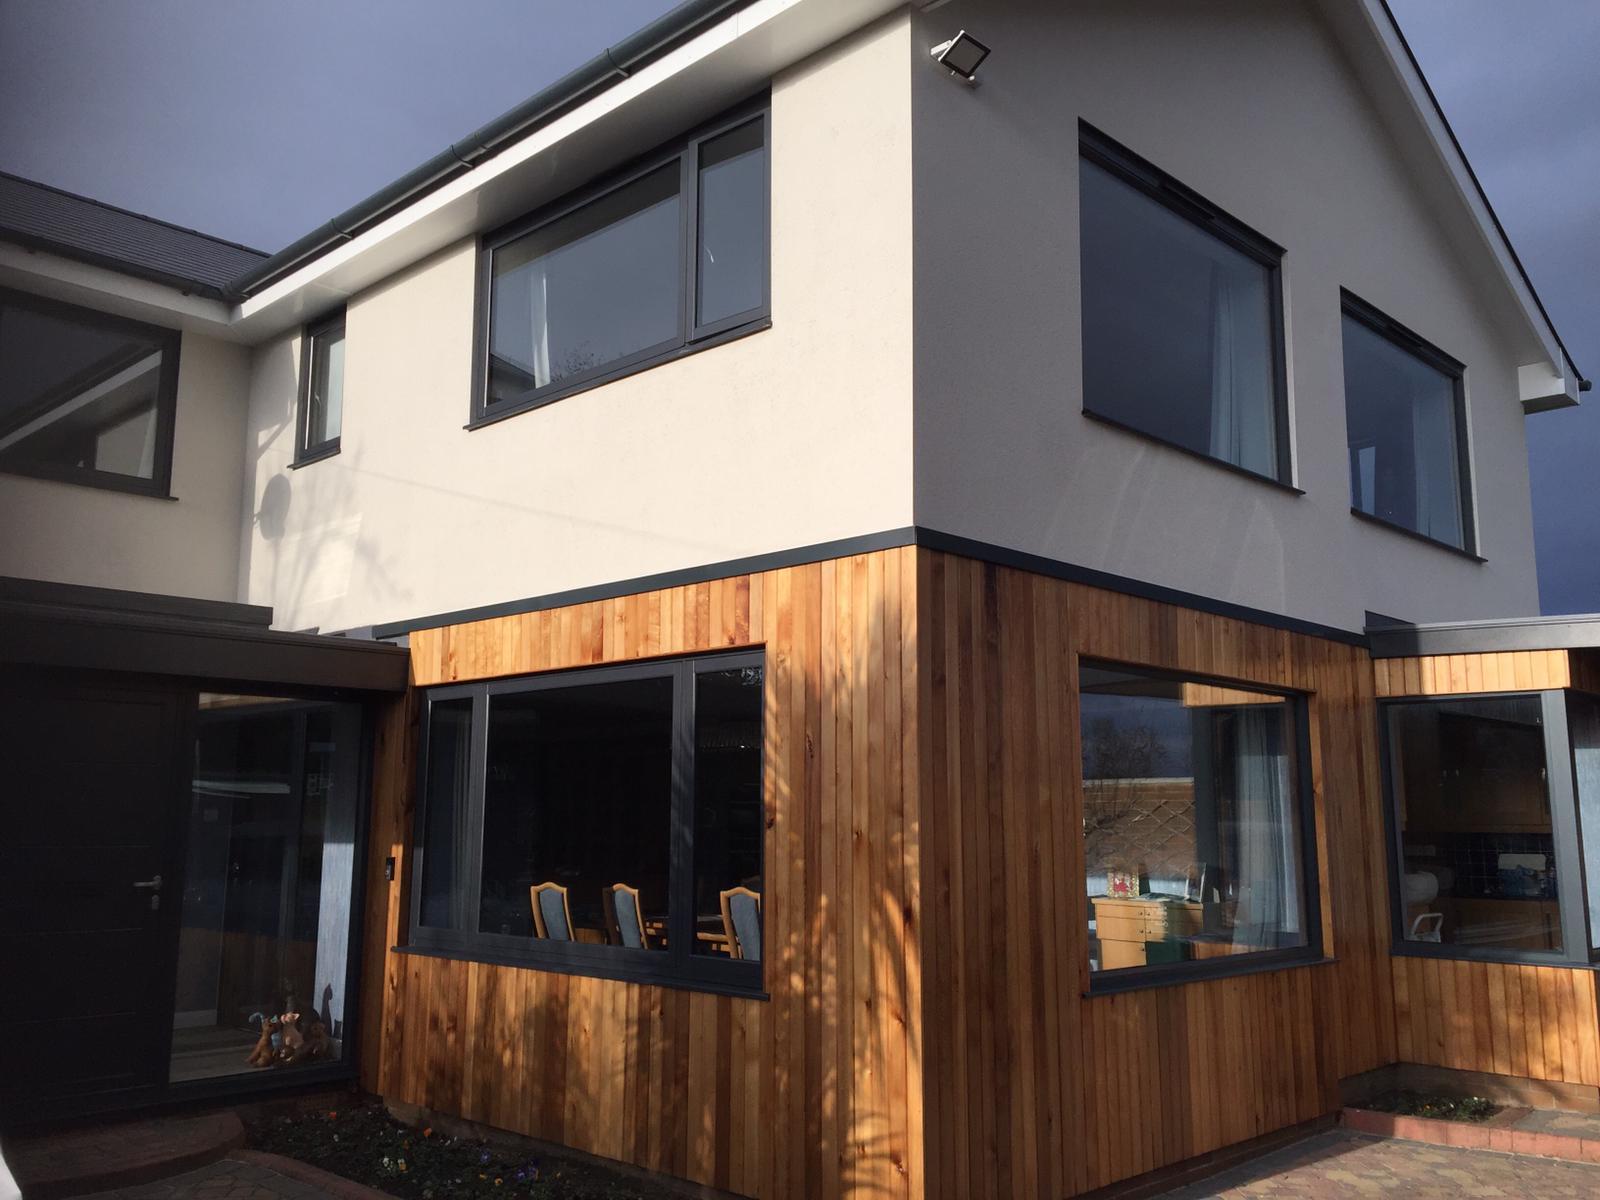 slimline aluminium windows nottingham